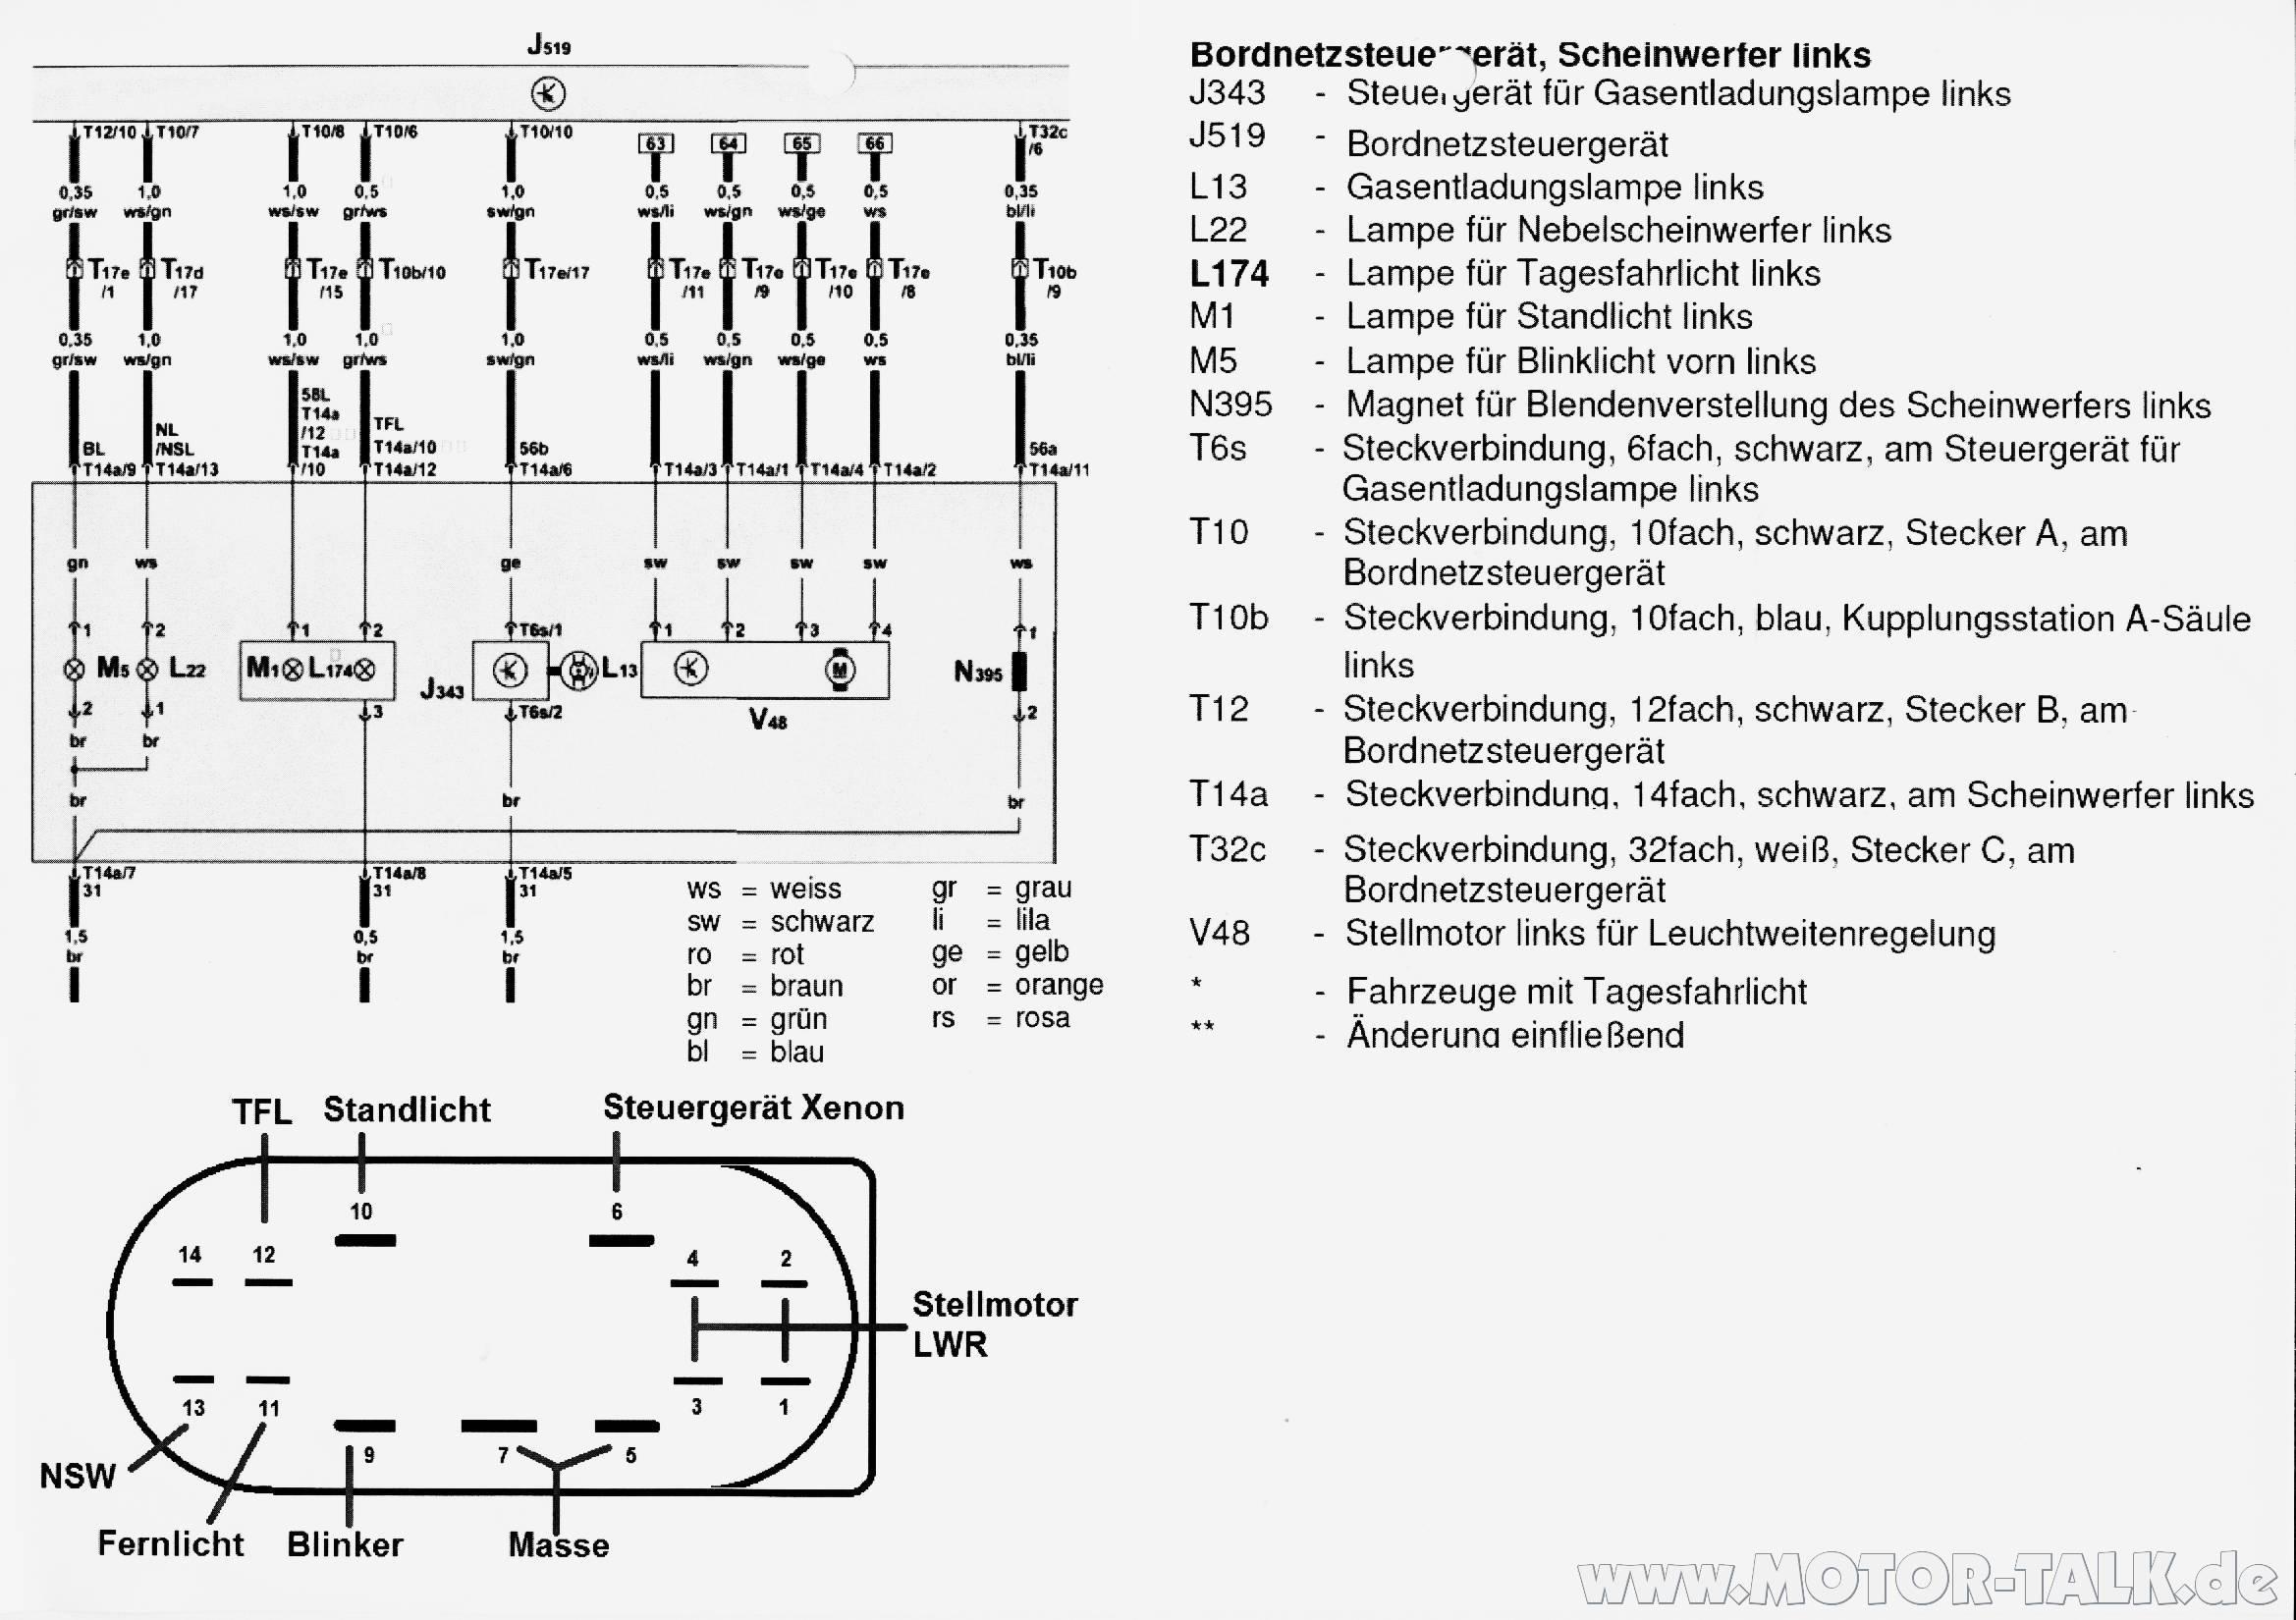 Scheinwerfer Belegung S6 Leds Funktionieren Nicht So